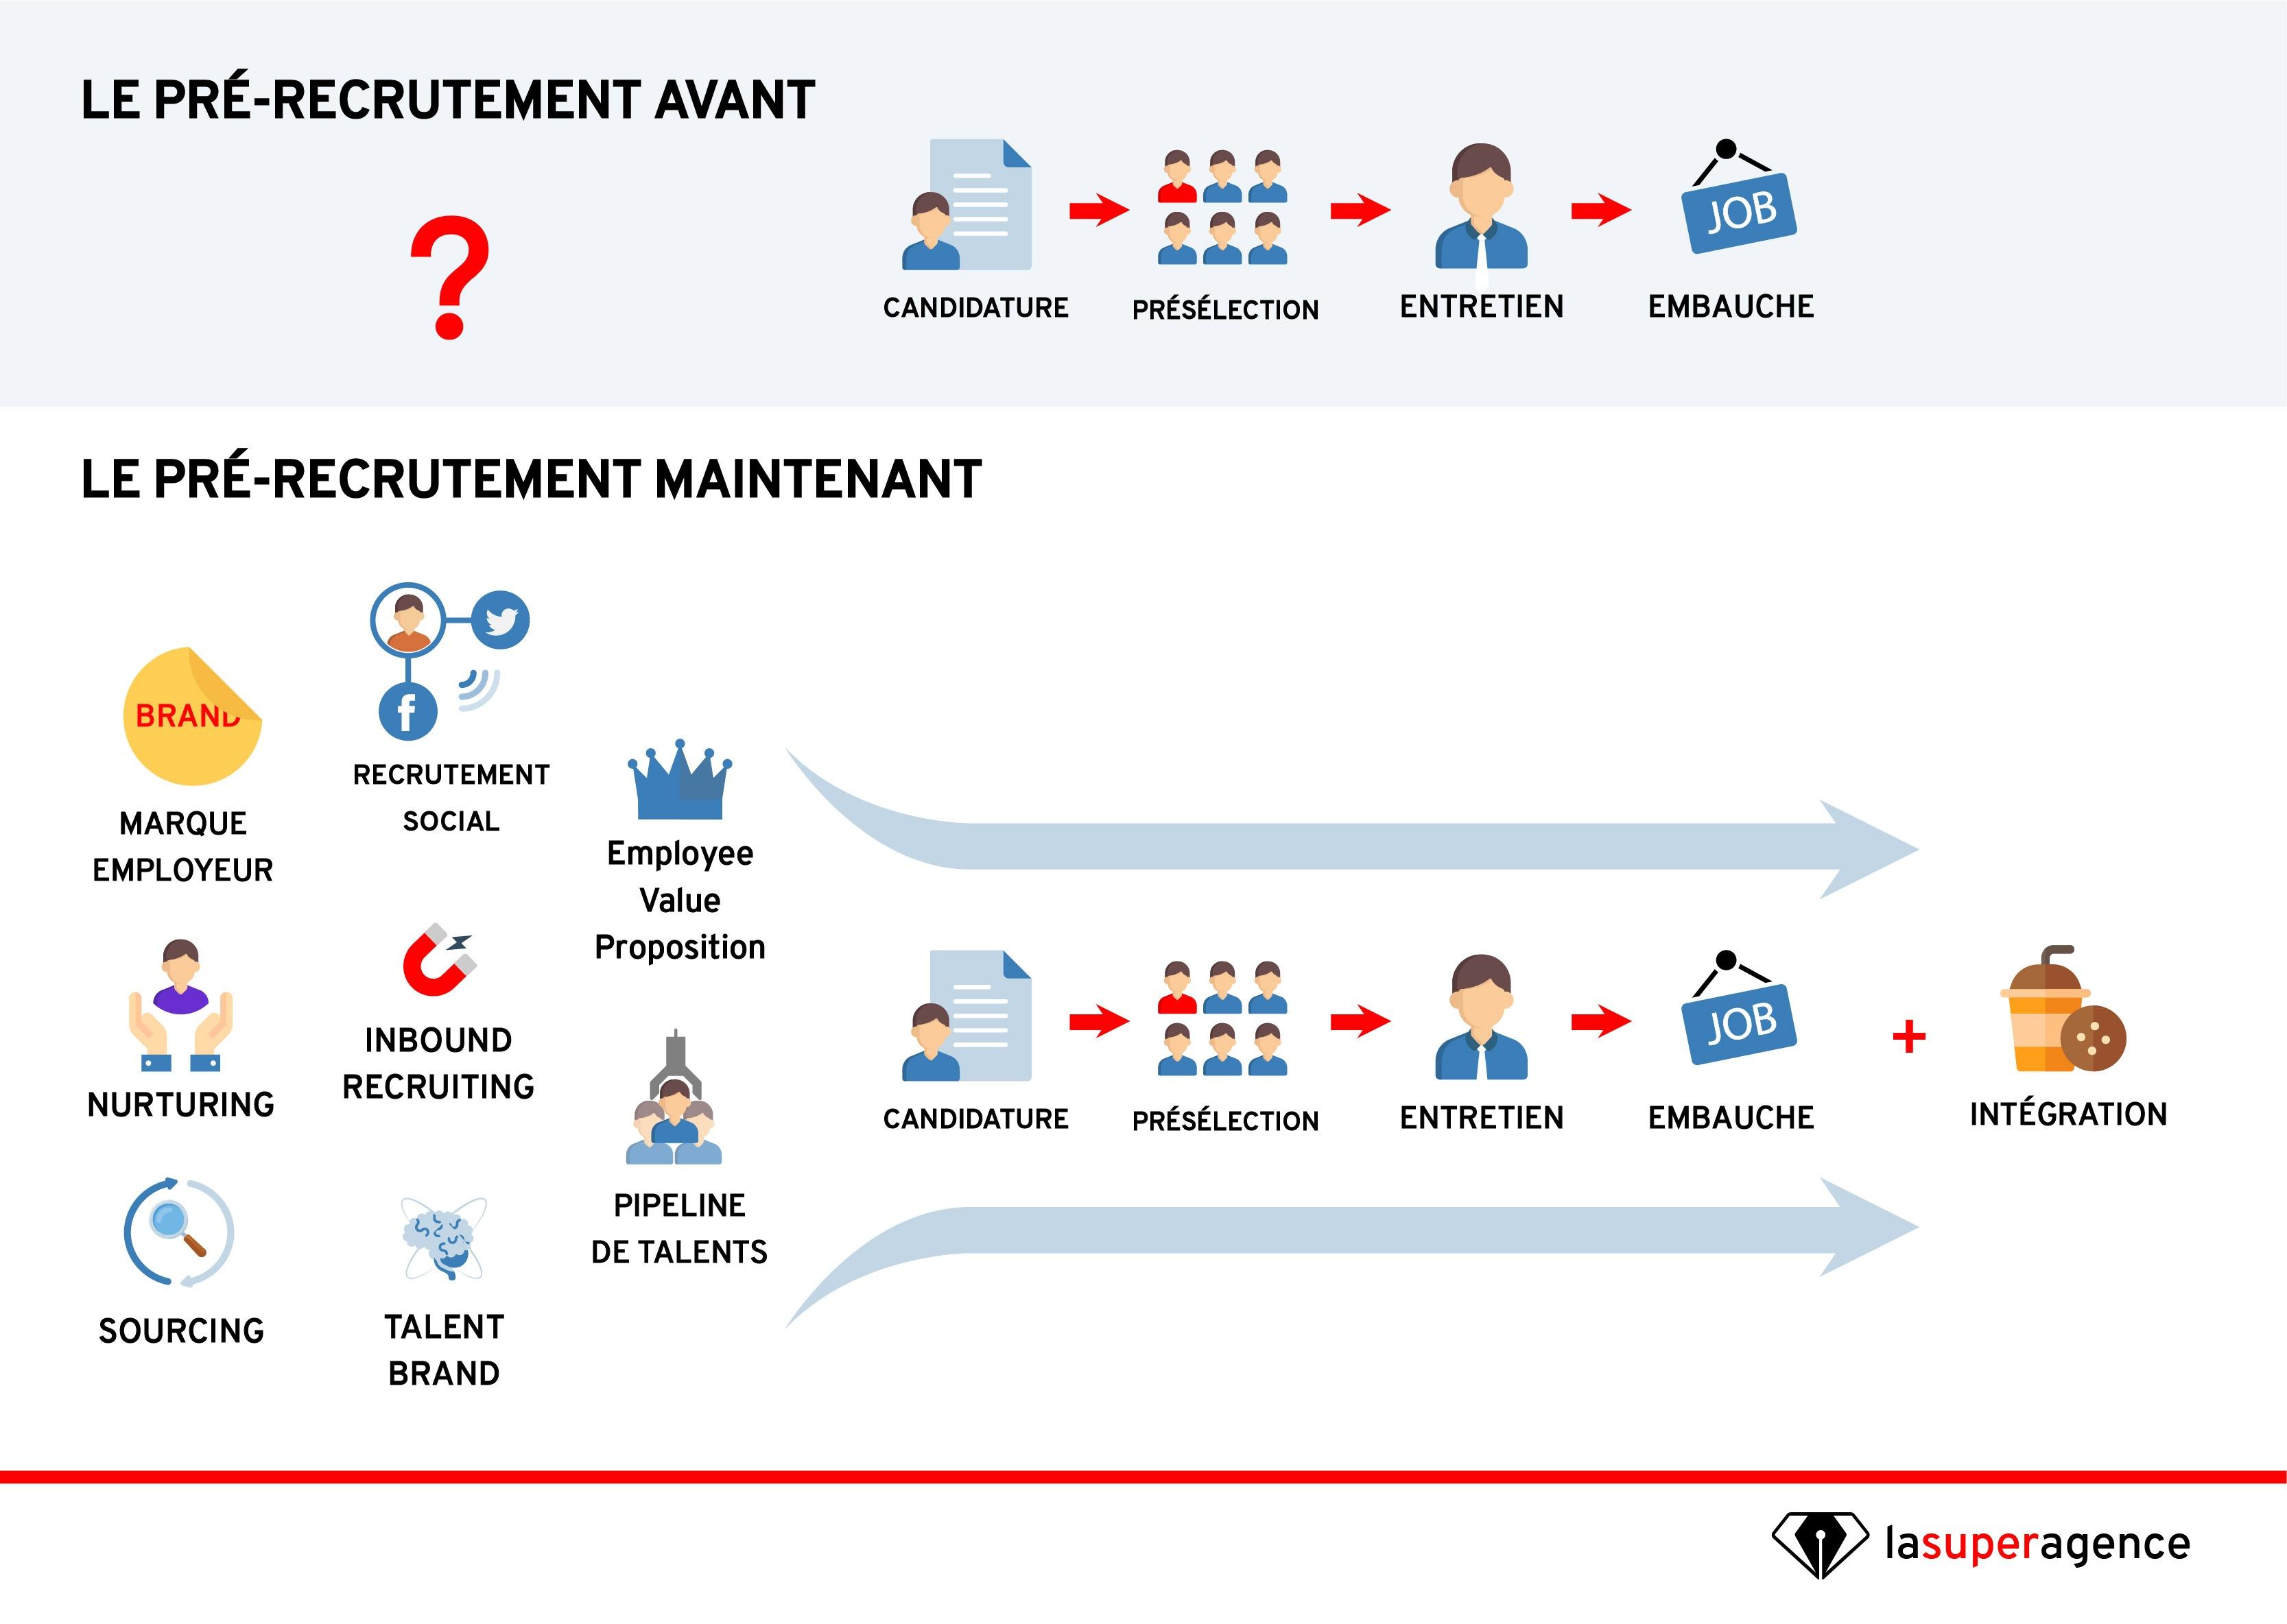 le pré-recrutement, où comment exposer le candidat à la marque employeur